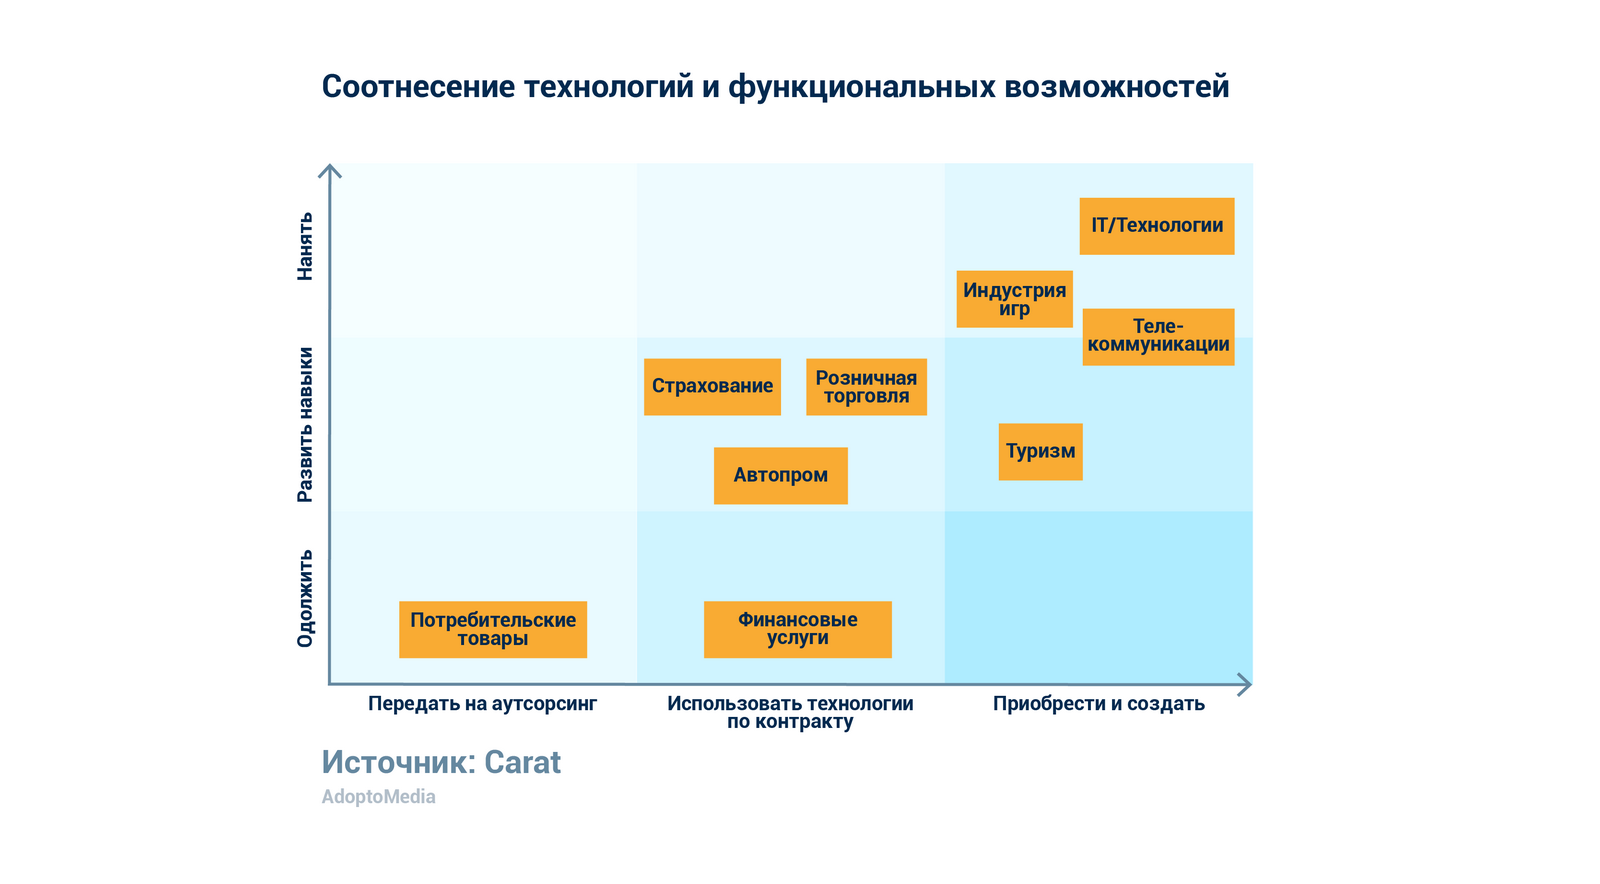 In-house агентство, маркетинговые технологии, маркетинговая стратегия, модель in-house агентства